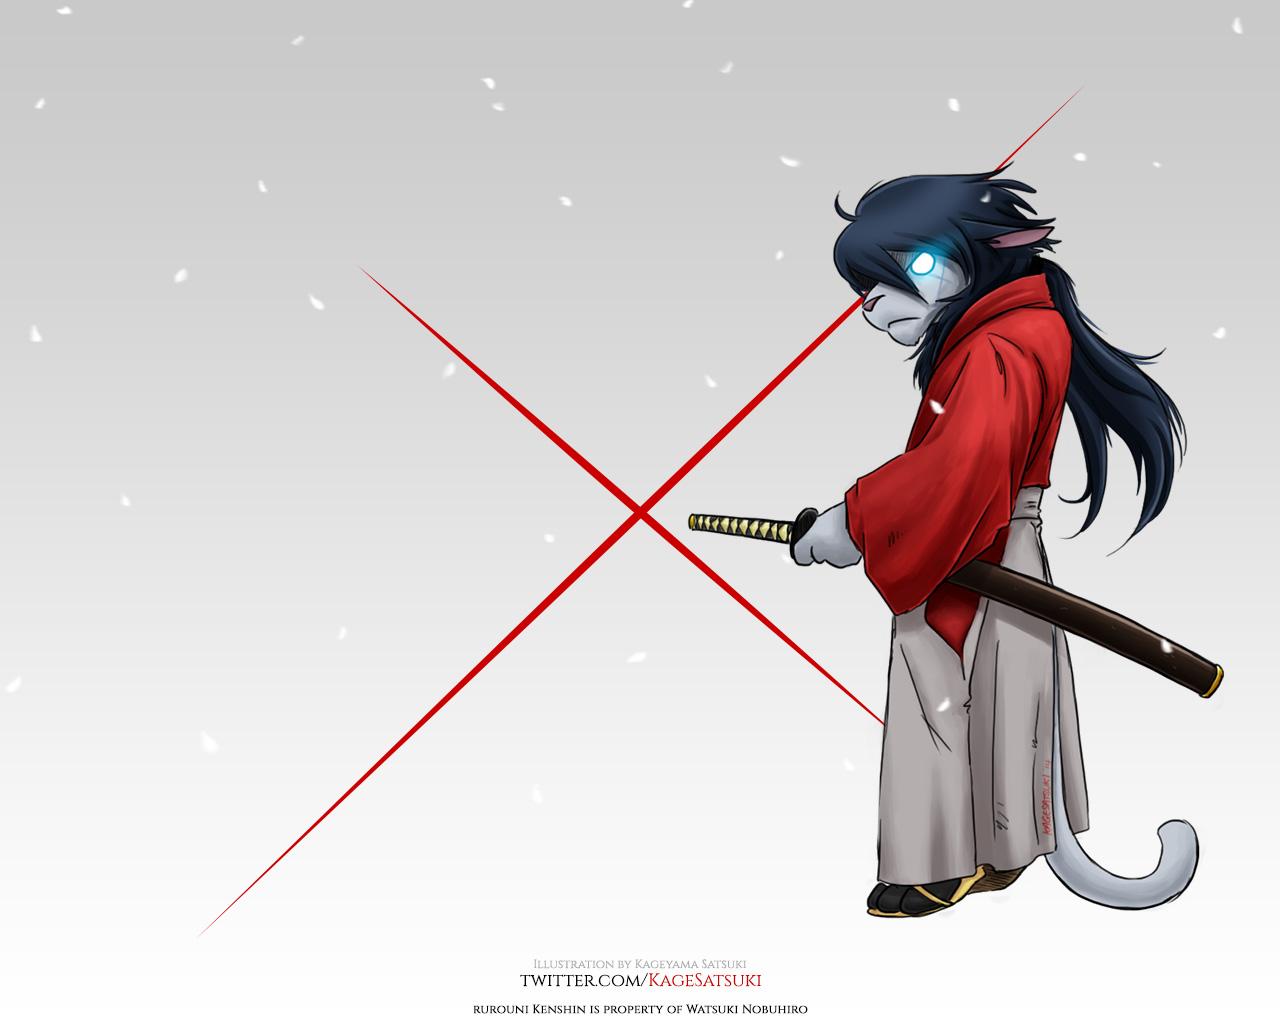 Derpkitty x Kenshin Wallpaper